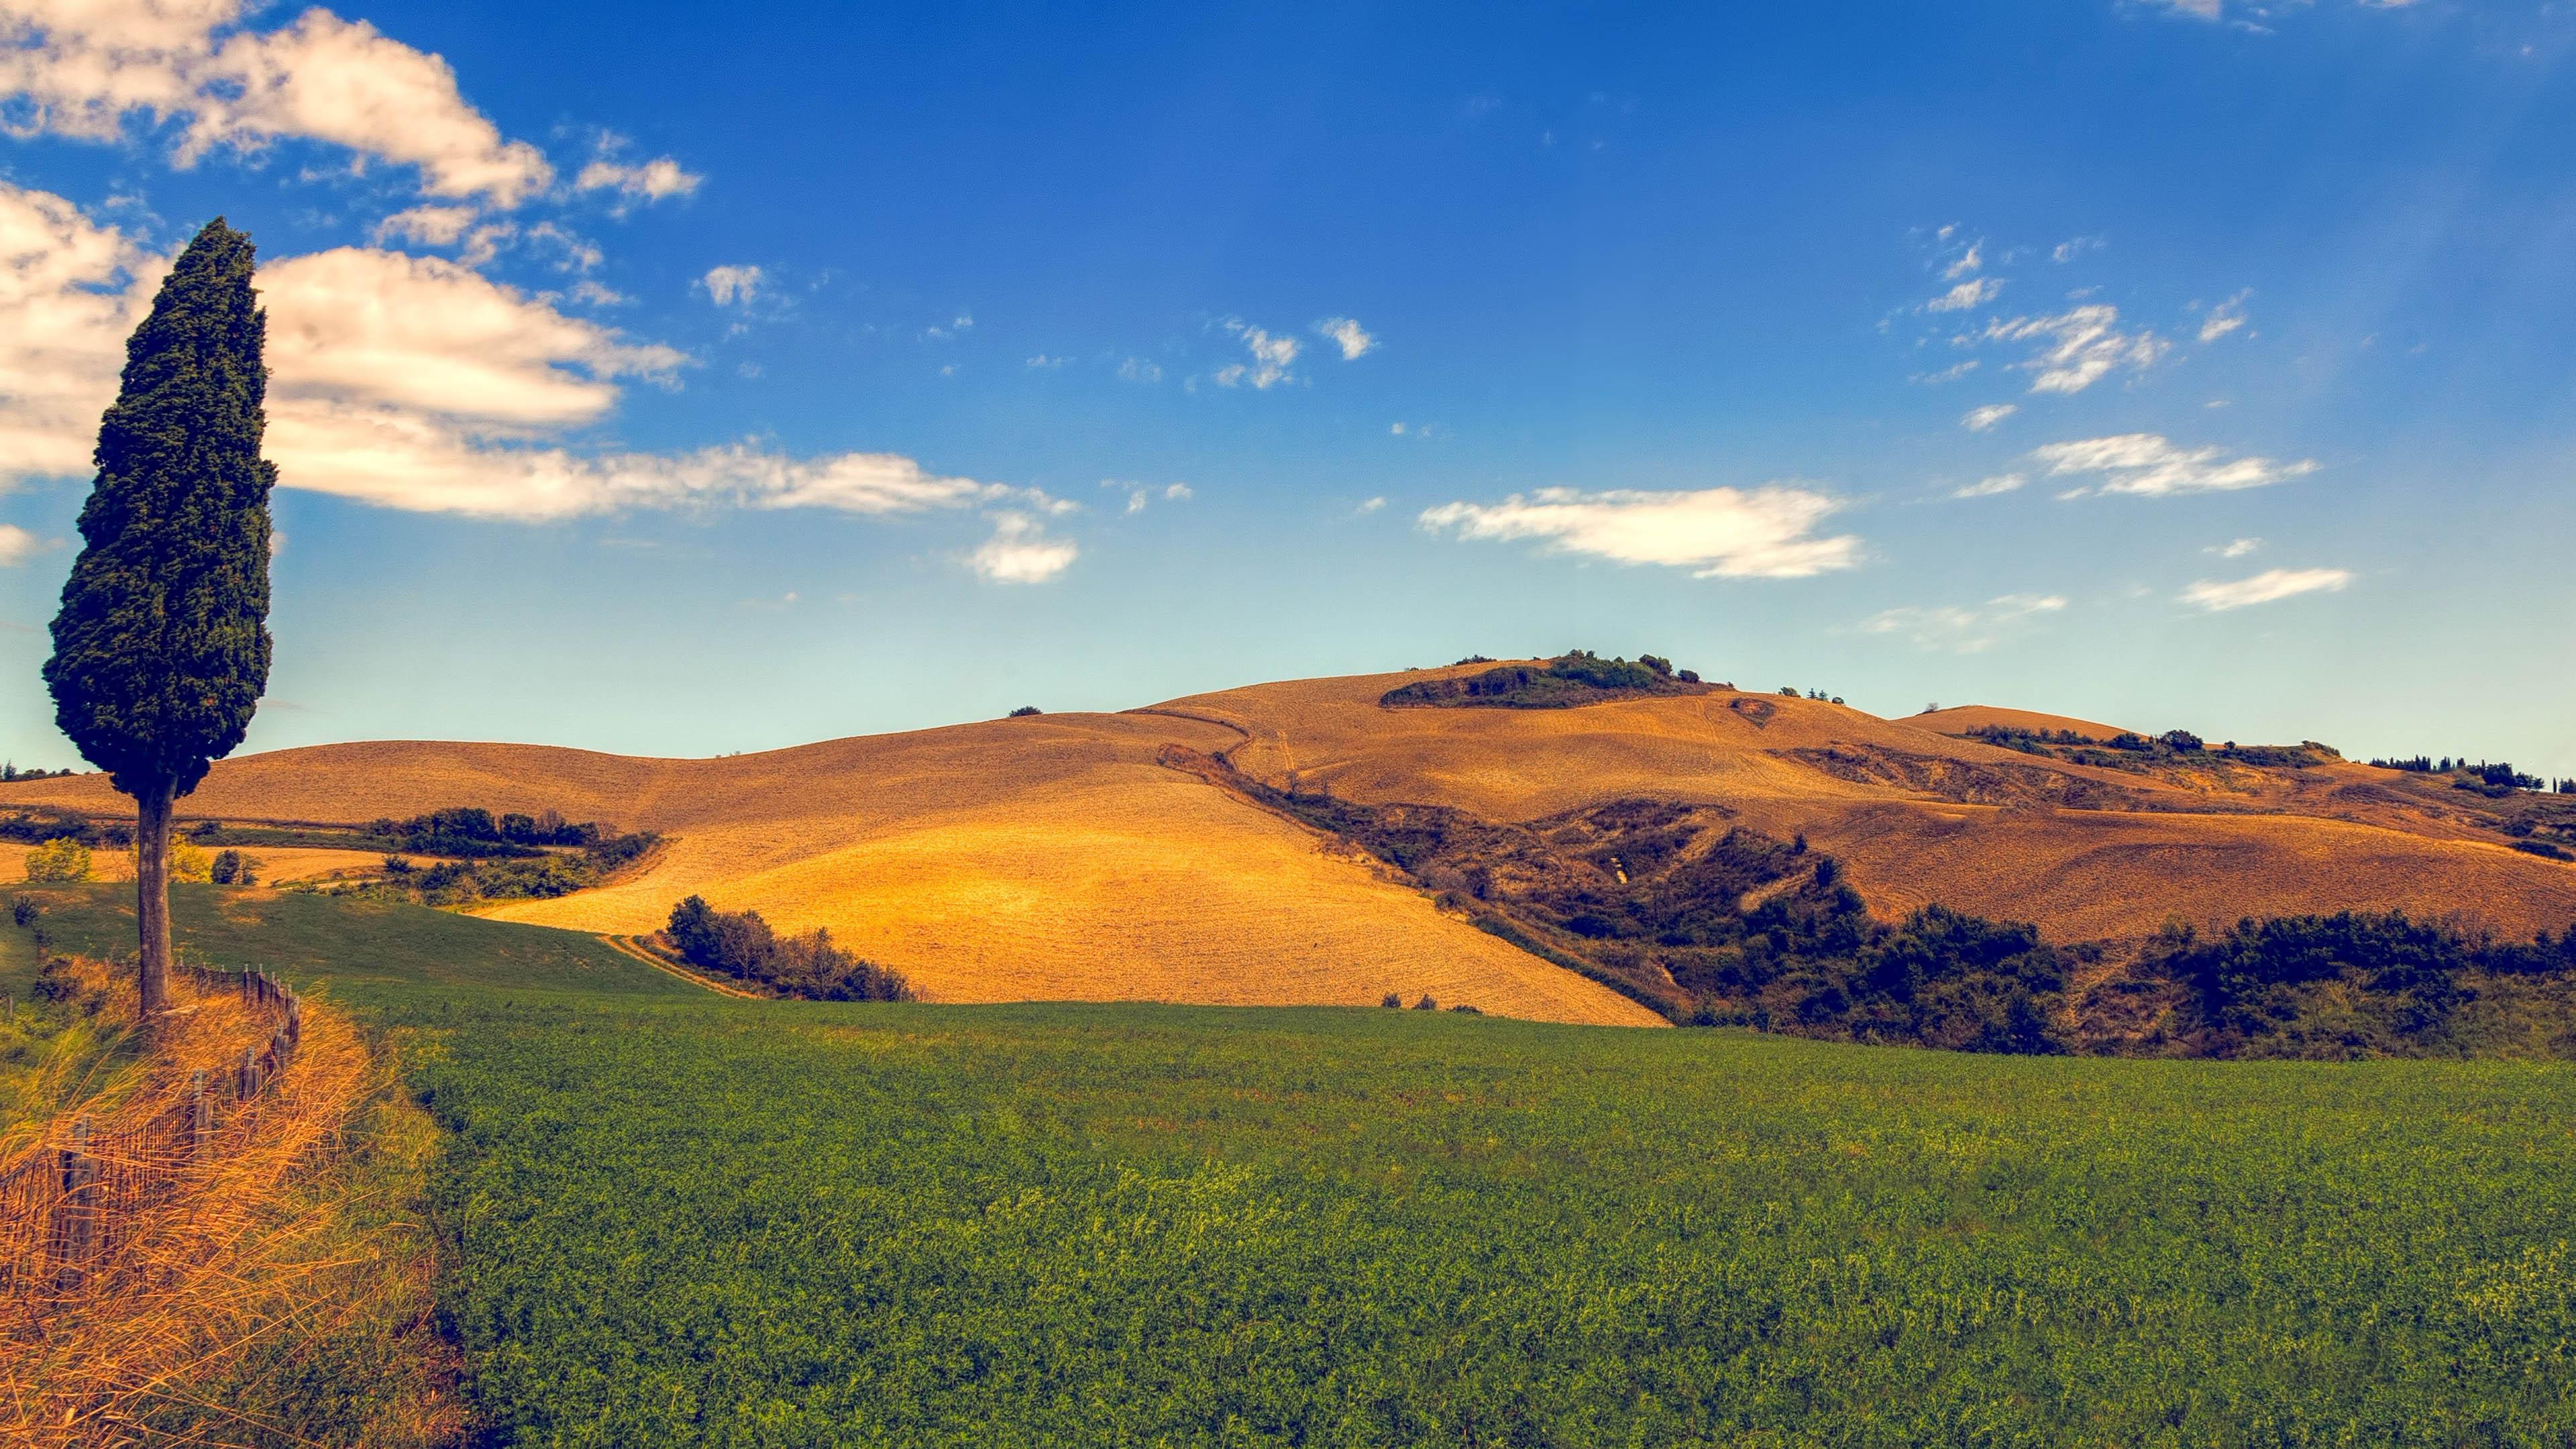 4K专区,天空,高原,山峦,草坪